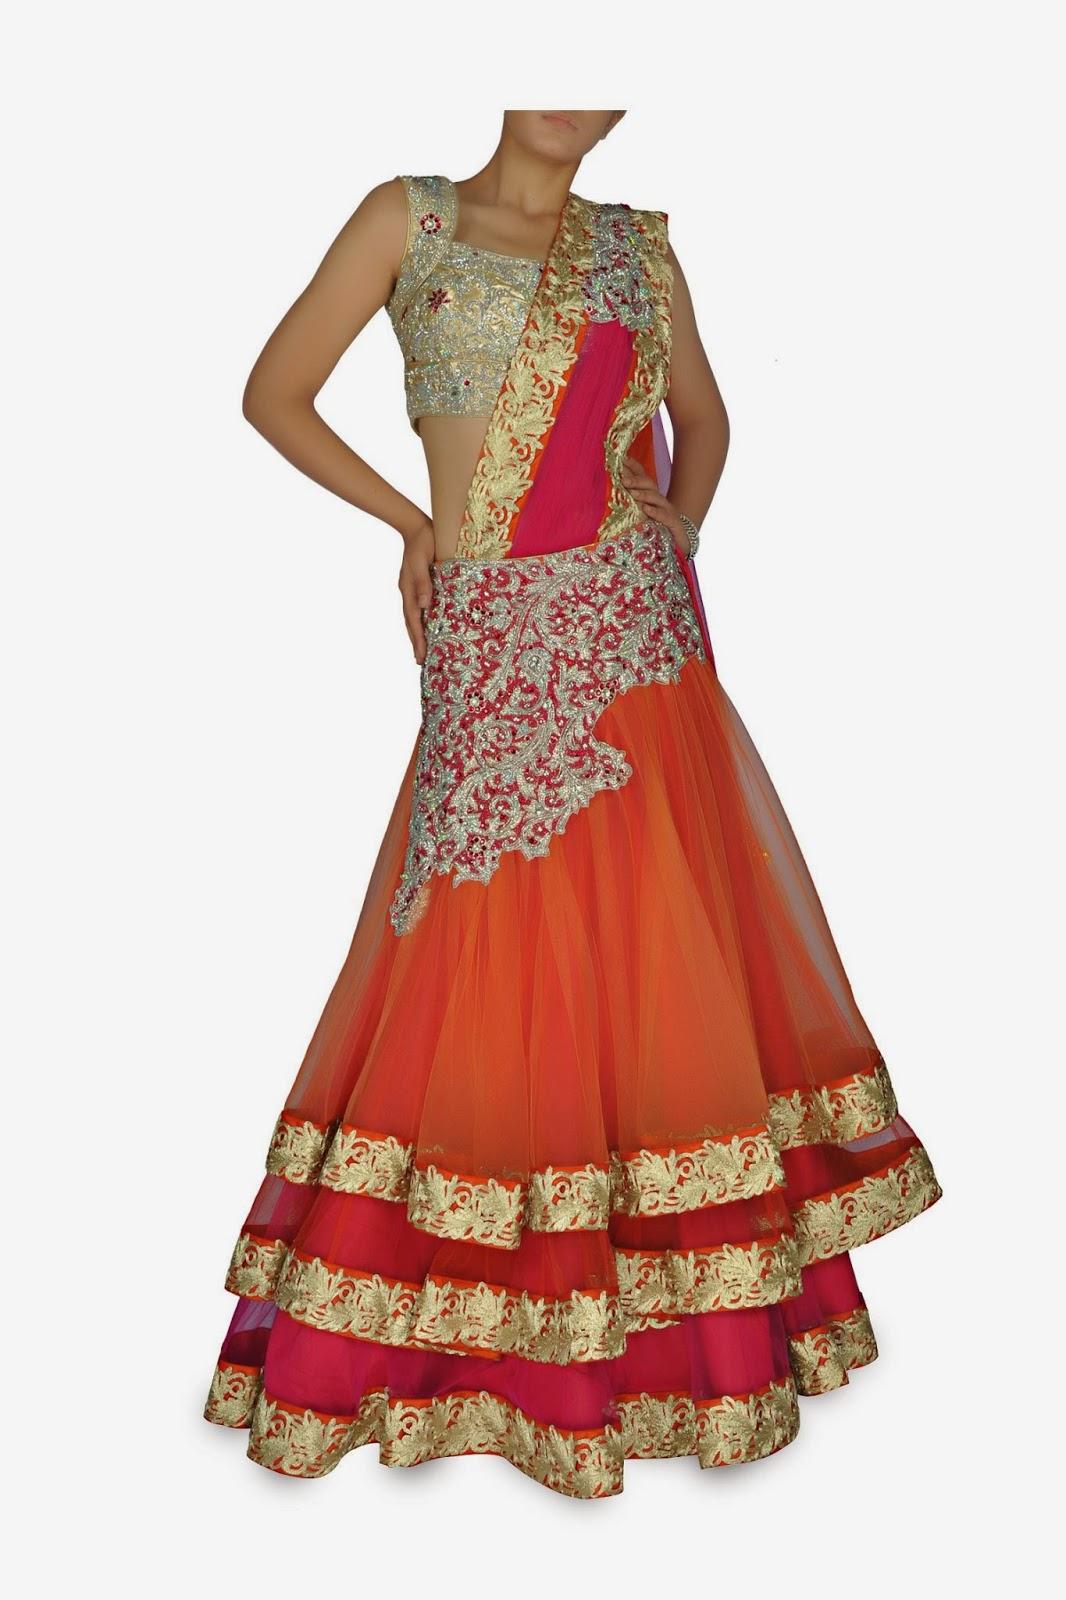 Wedding dresses to buy now